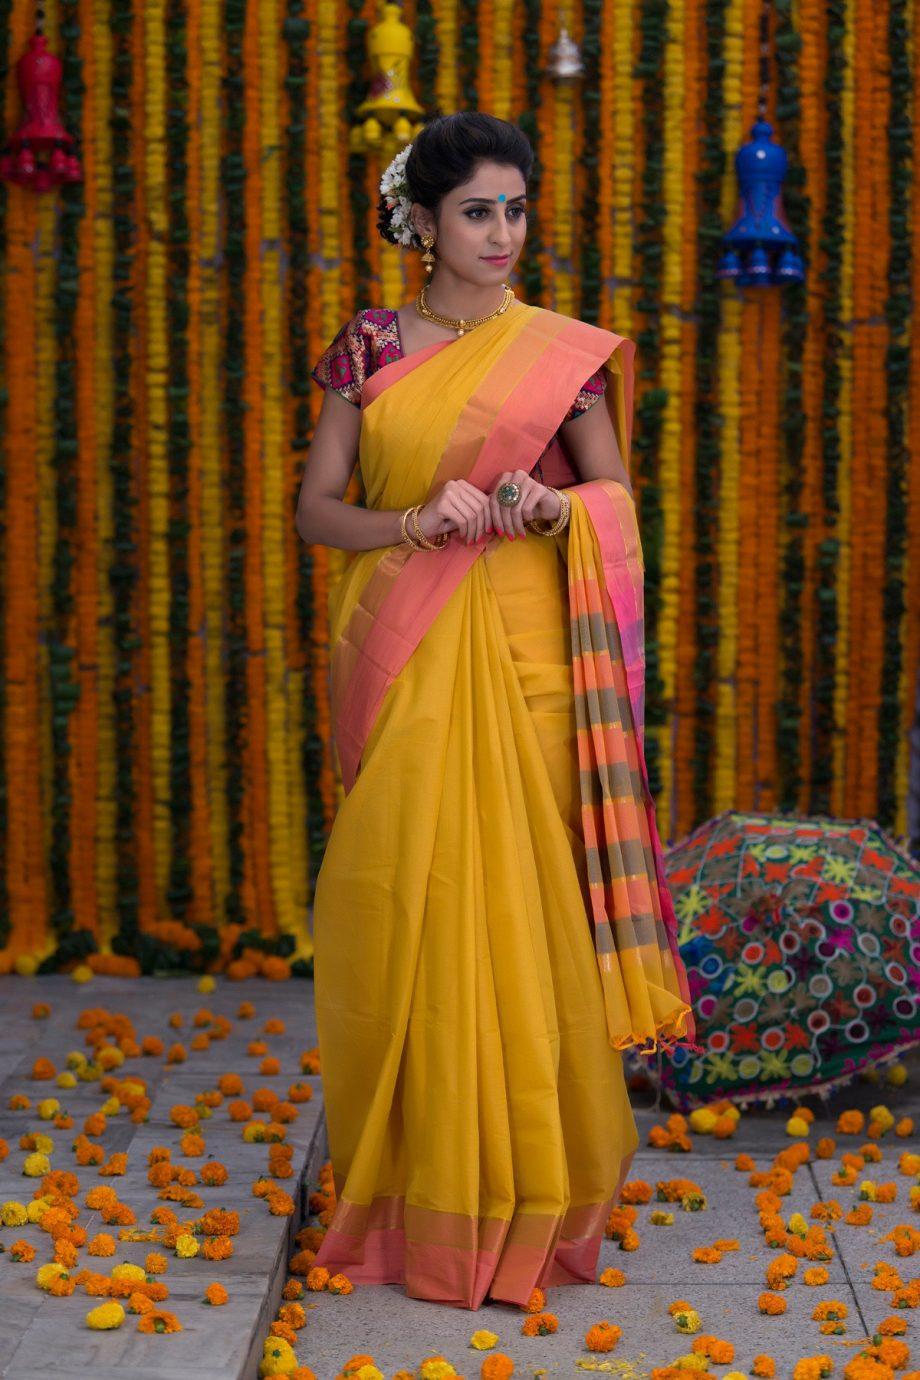 Best summer fashion in 2018: Hot summer sarees!